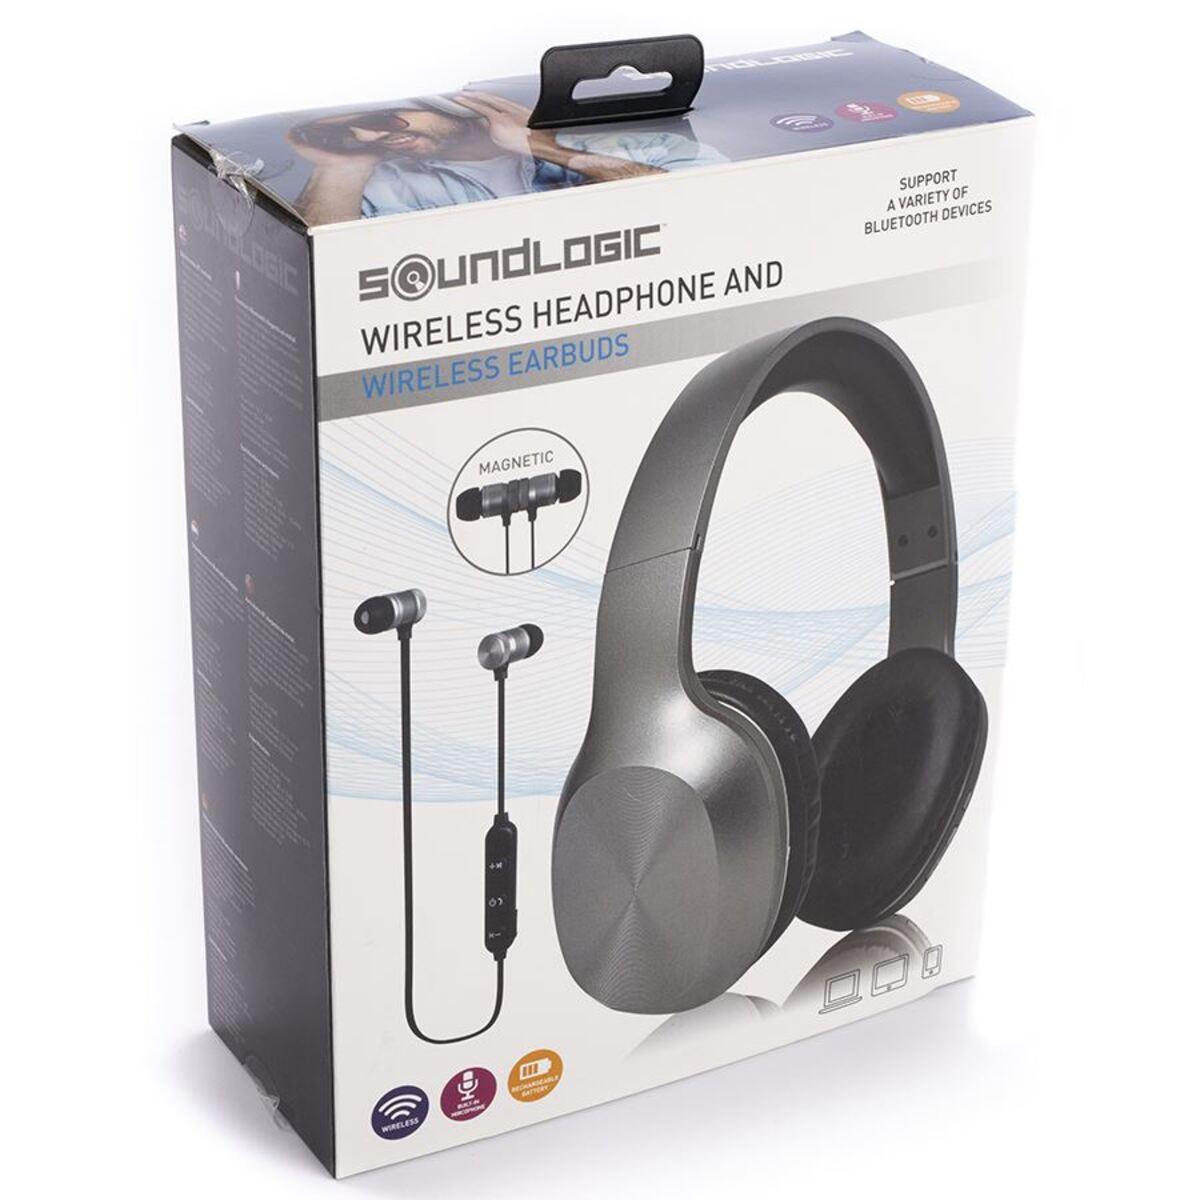 Bild 4 von Soundlogic 2in1 Bluetooth-Kopfhörer